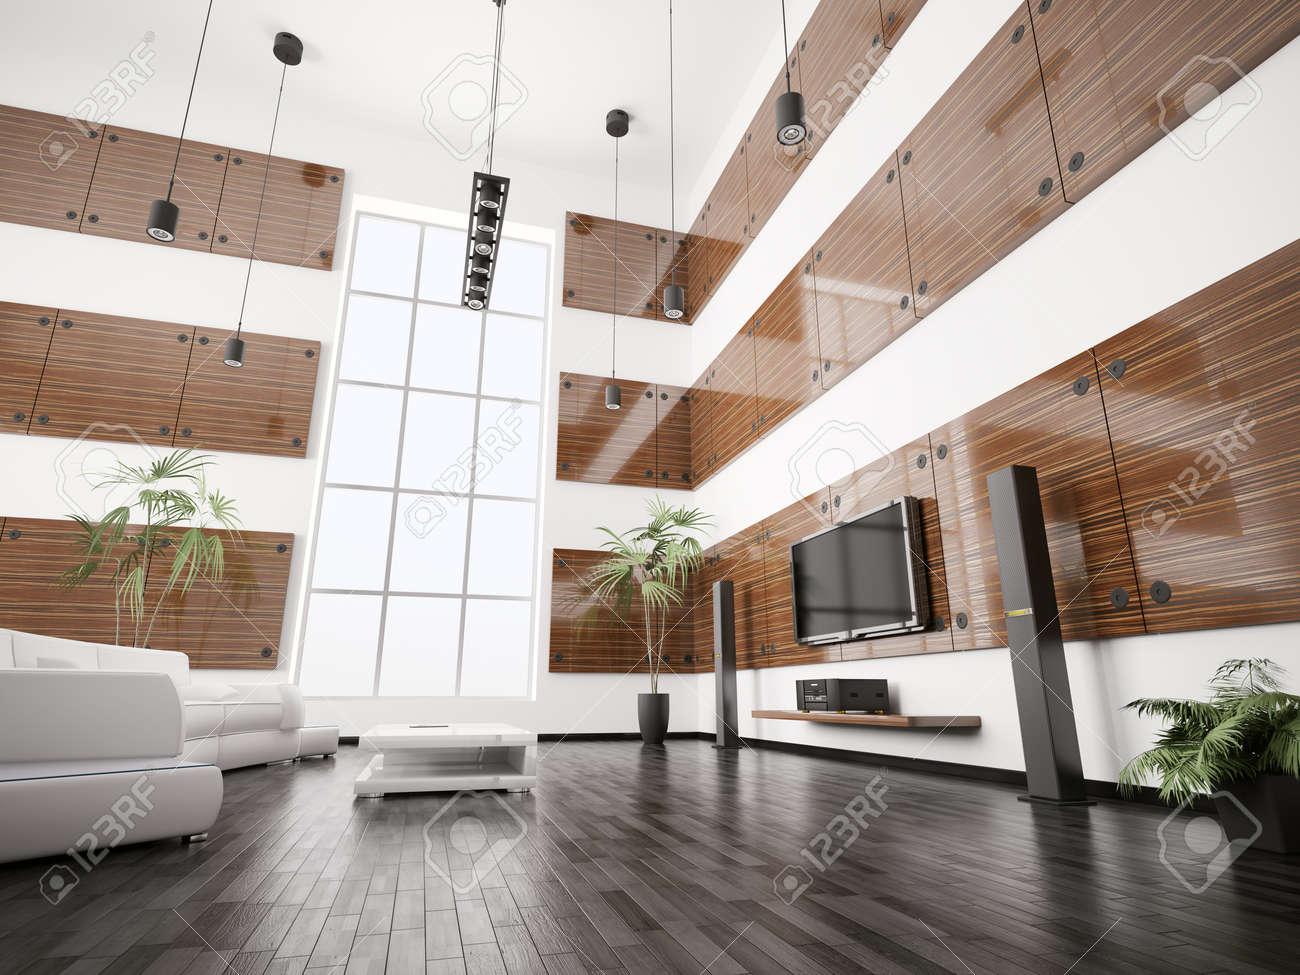 Woonkamer met ebben houten panelen interieur 3d renderen royalty ...